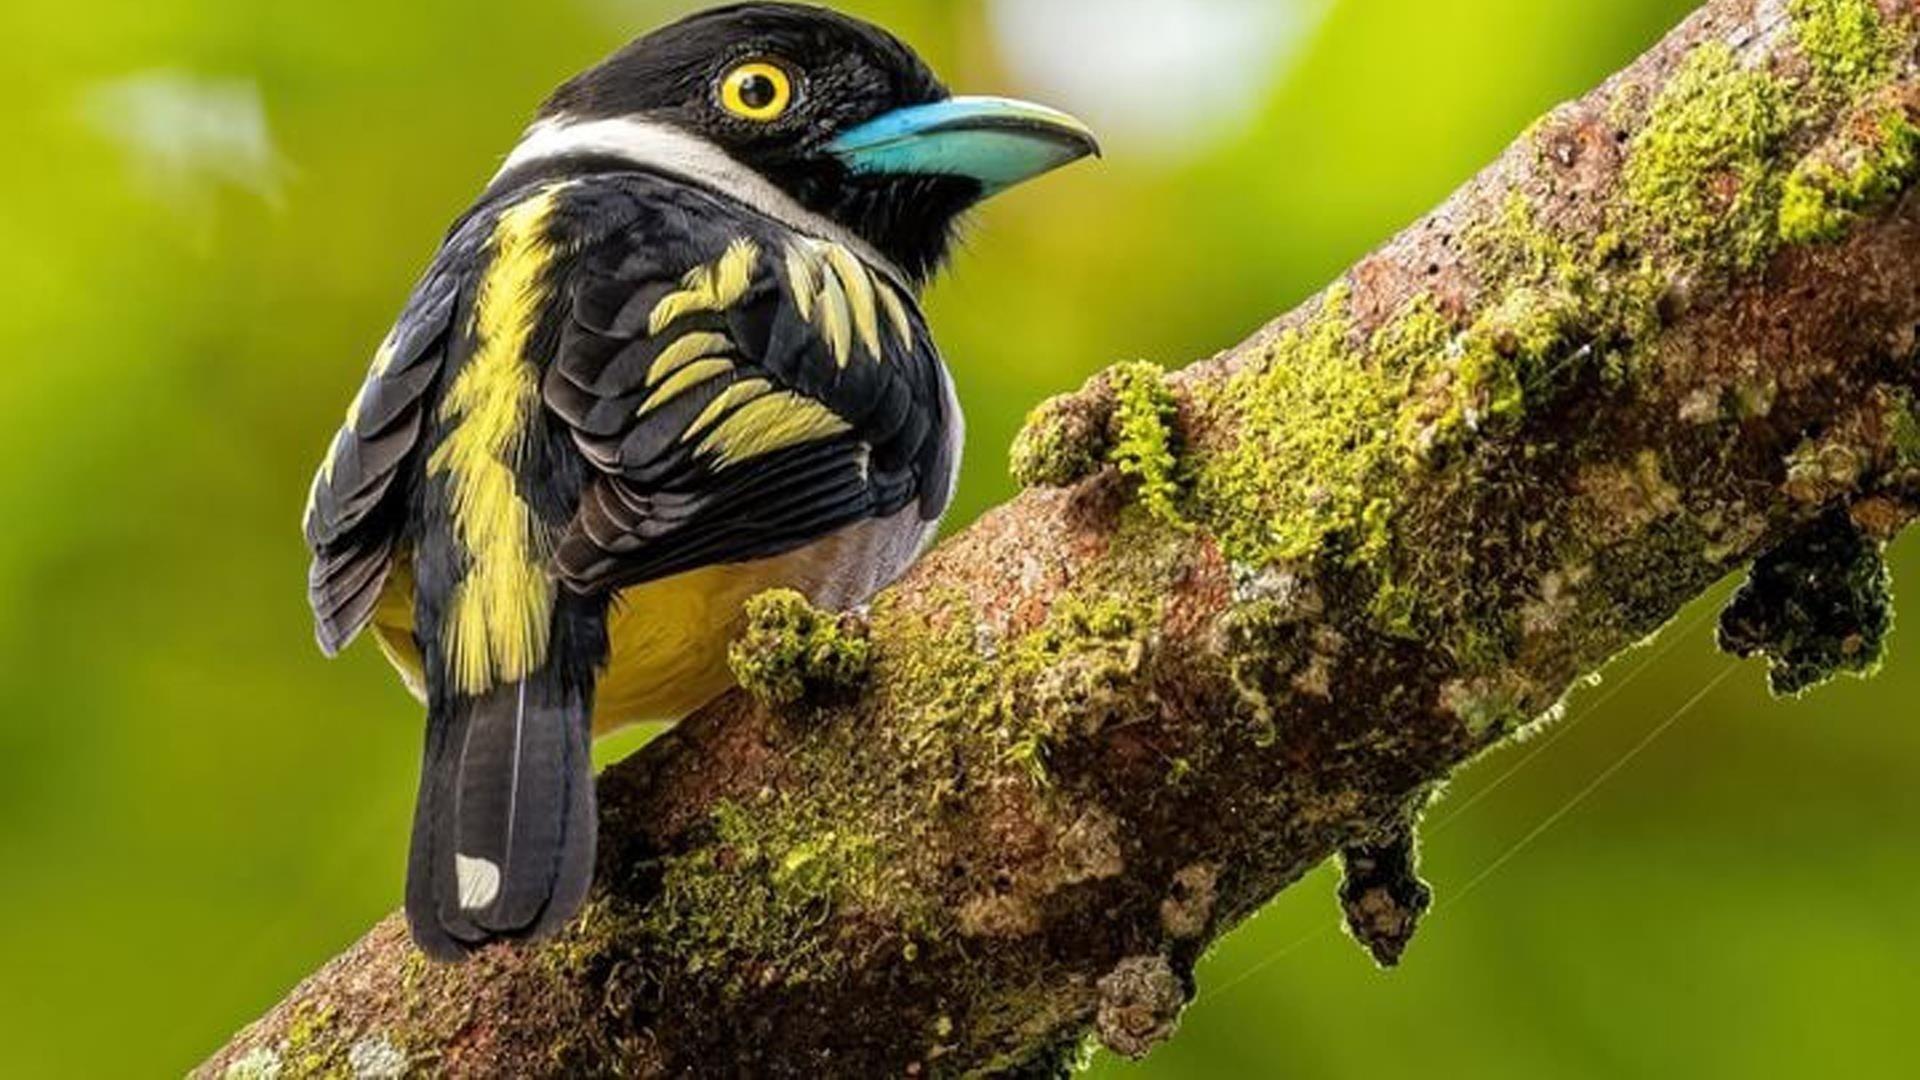 Желто-черная птица эврилаймус на покрытой водорослями ветке дерева на размытом зеленом фоне птицы обои скачать